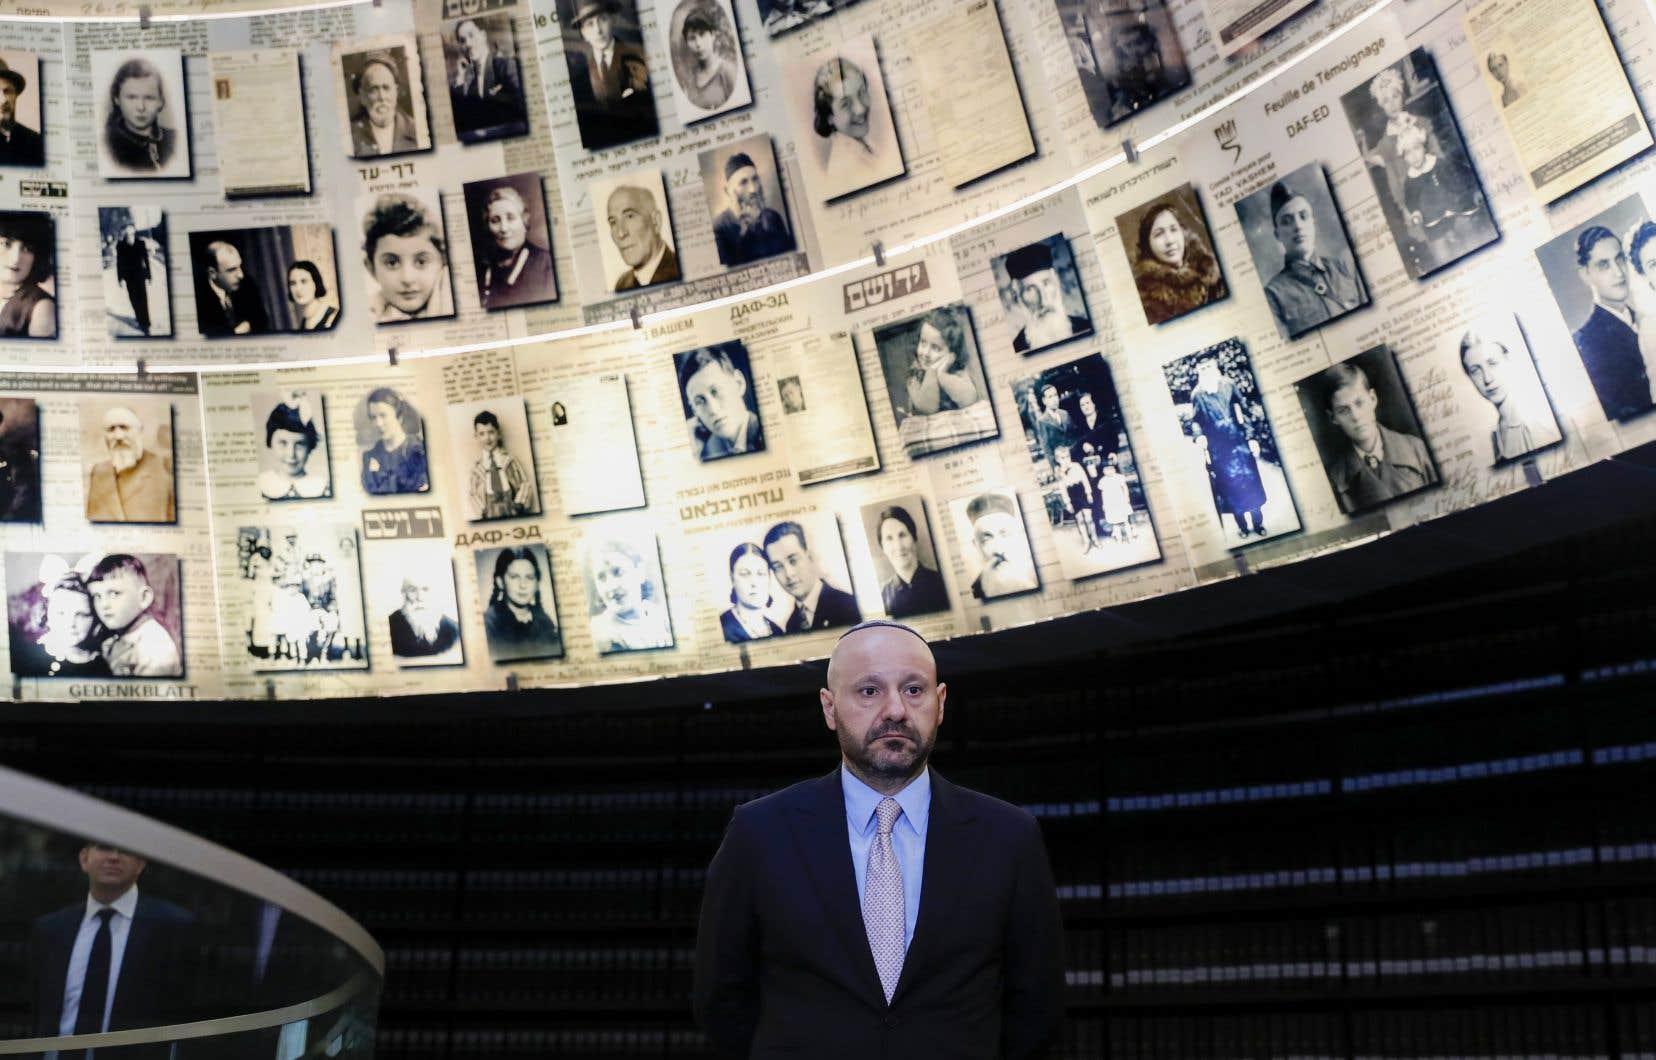 Lors d'une vente aux enchères le 20novembre à Munich, Abdallah Chatila a déboursé environ 600000euros (880000dollars) pour acquérir huit objets, dont un chapeau haut-de-forme porté par Hitler.